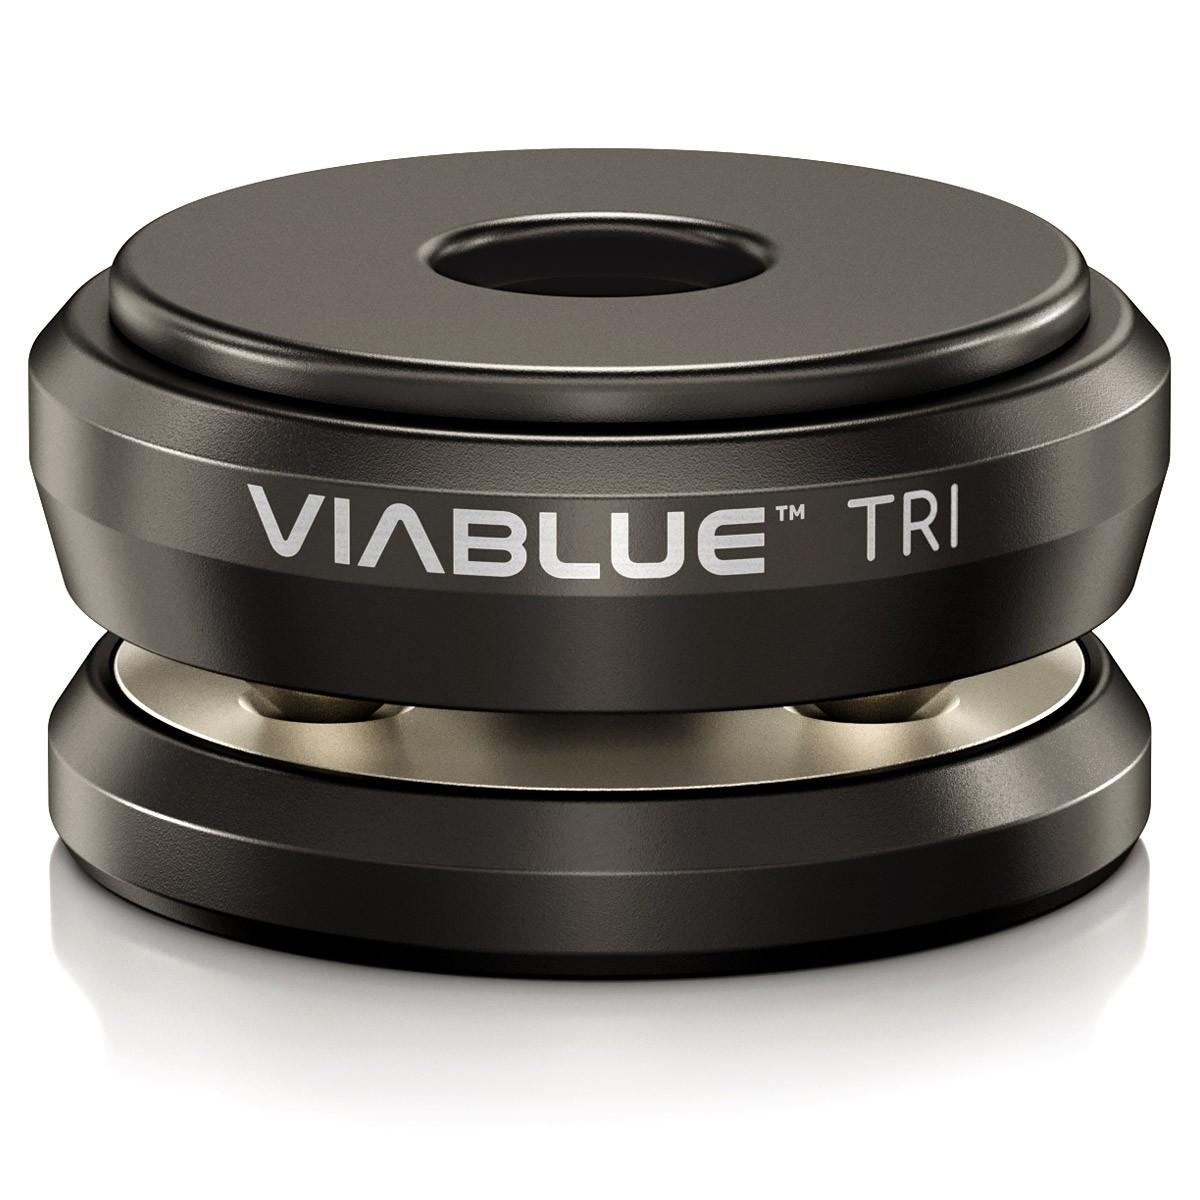 VIABLUE TRI SPIKES Spikes Black Ø35mm (Set x4)